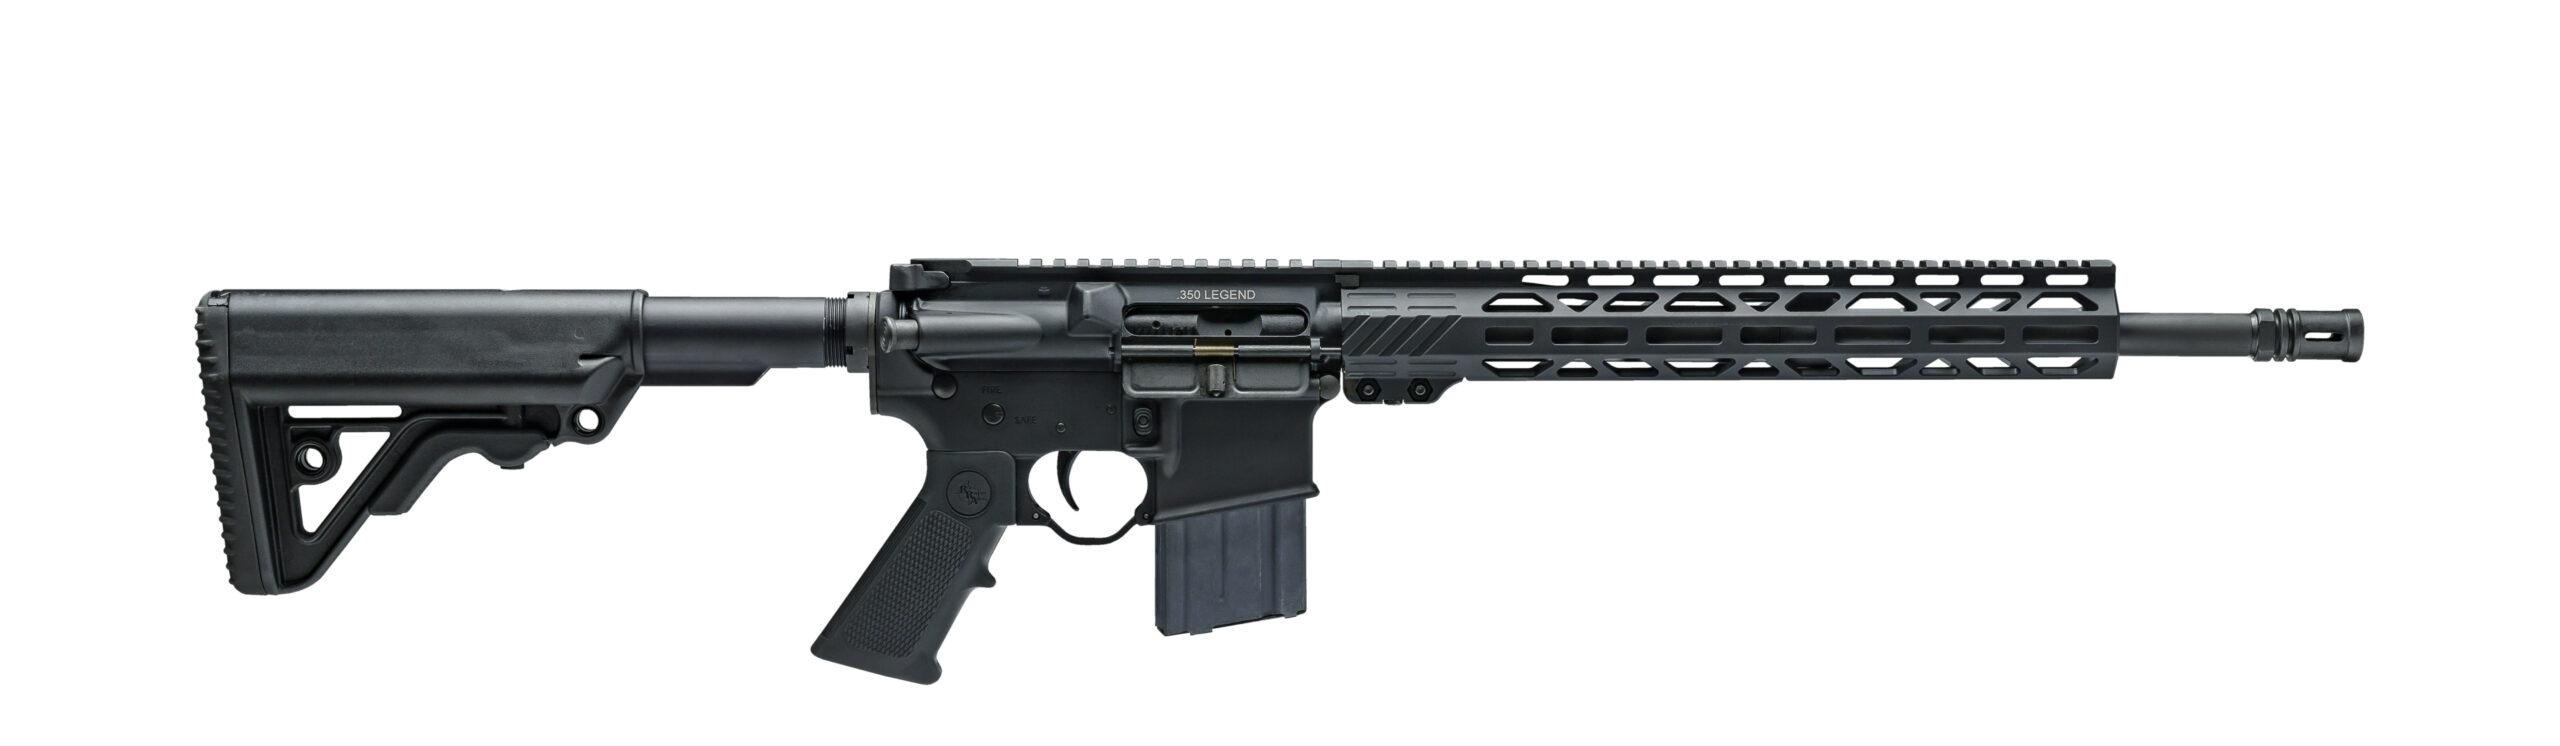 RRA LAR-15M .350 Legend